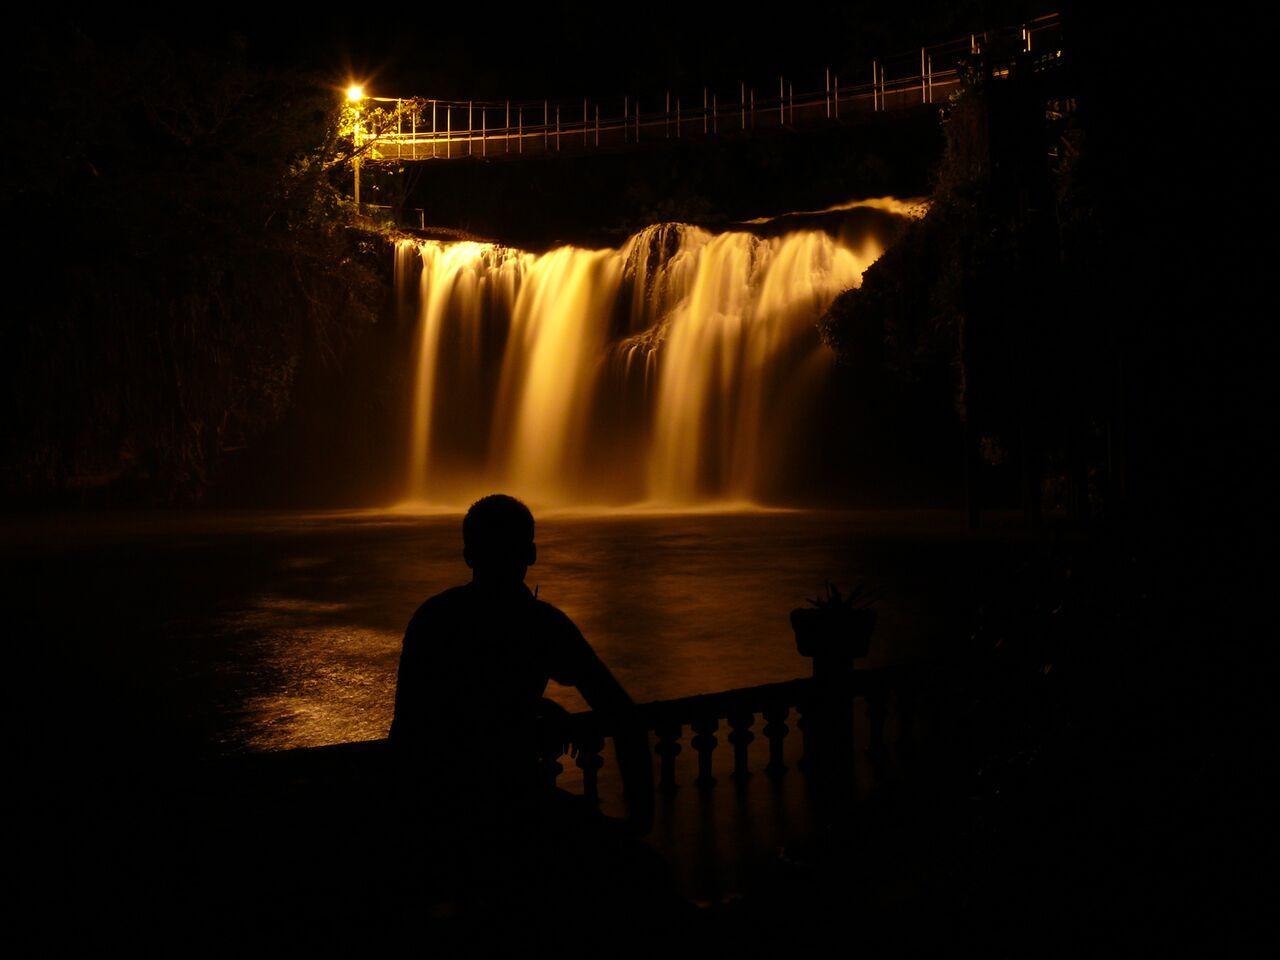 ライトに照らされるパロネラパークの滝